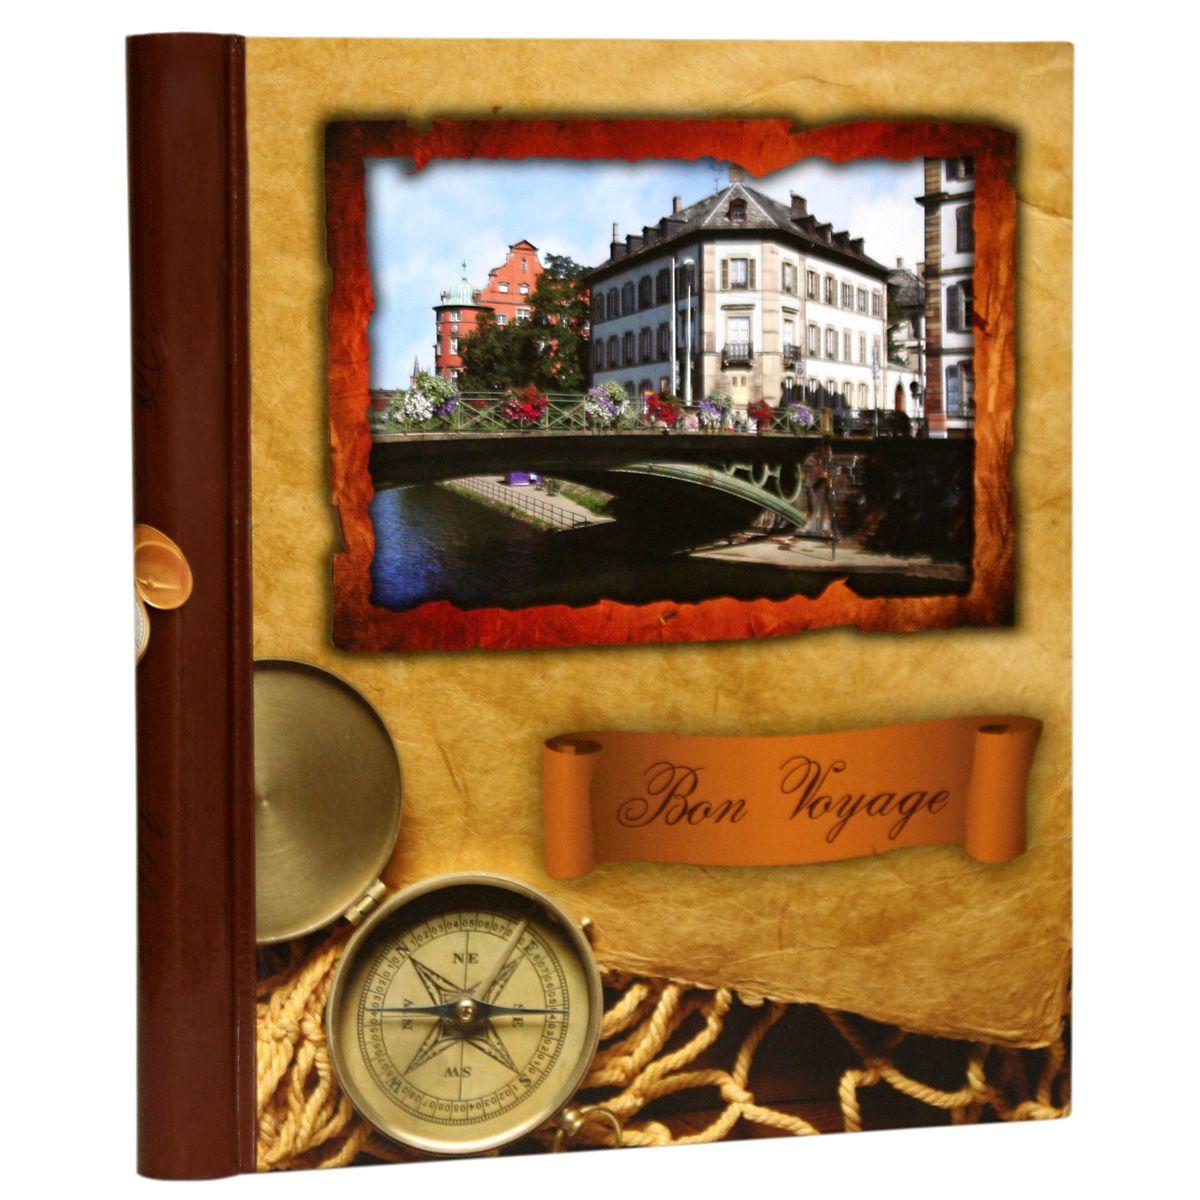 Фотоальбом Pioneer Bon Voyage, 10 магнитных листов, цвет: коричневый, 23 х 28 смБрелок для ключейФотоальбом Pioneer Bon Voyage позволит вам запечатлеть незабываемые моменты вашей жизни, сохранить свои истории и воспоминания на его страницах. Обложка из толстого картона оформлена оригинальным принтом. Фотоальбом рассчитан на 10 фотографий форматом 23 х 28 см. Такой необычный фотоальбом позволит легко заполнить страницы вашей истории, и с годами ничего не забудется.Тип обложки: Ламинированный картон.Тип листов: магнитные.Тип переплета: спираль.Материалы, использованные в изготовлении альбома, обеспечивают высокое качество хранения ваших фотографий, поэтому фотографии не желтеют со временем.